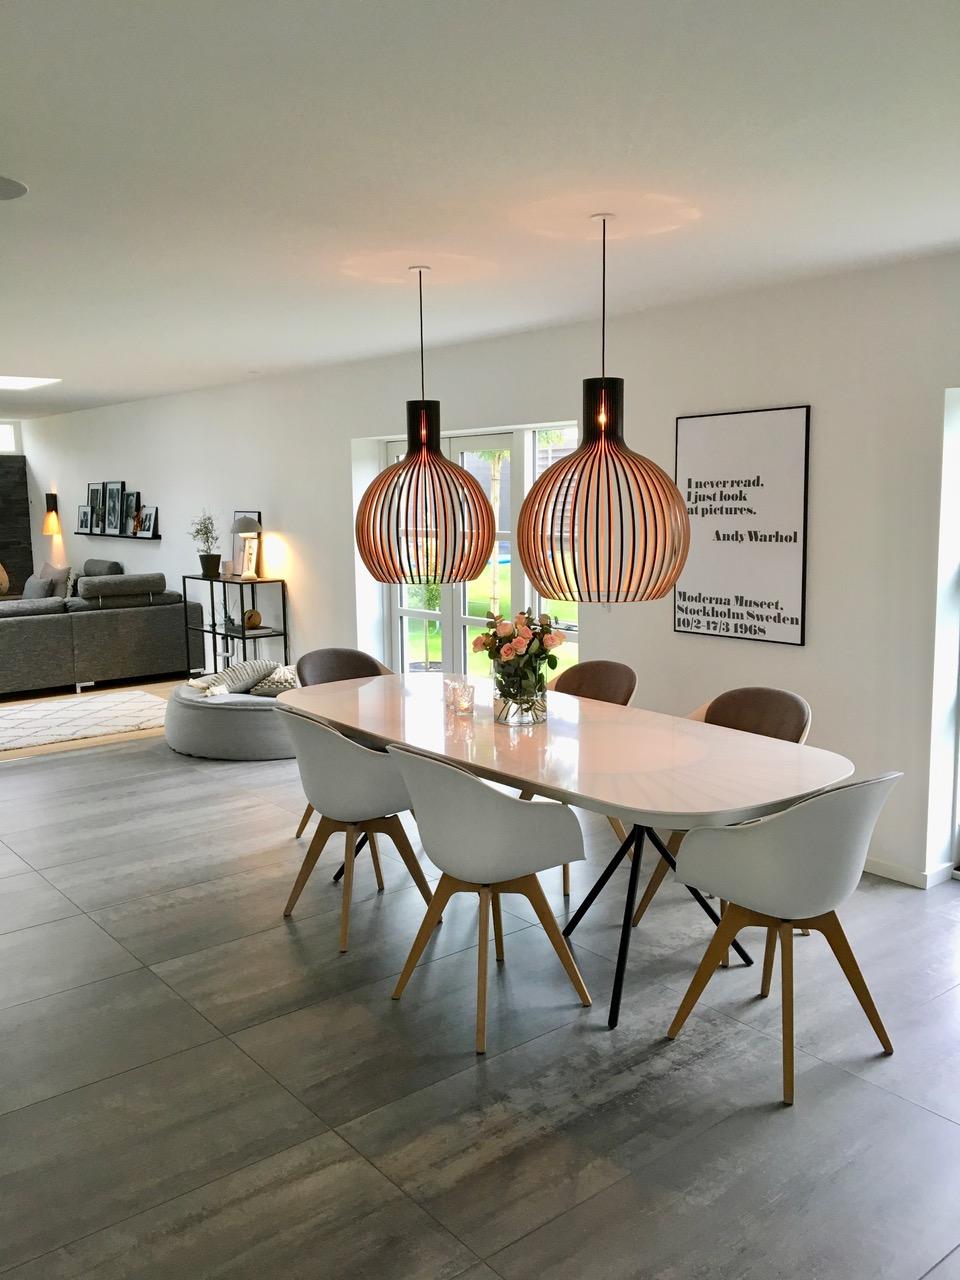 Opdateret Lampeguide: 7 Lamper Over Spisebordet - Køb her! FB78